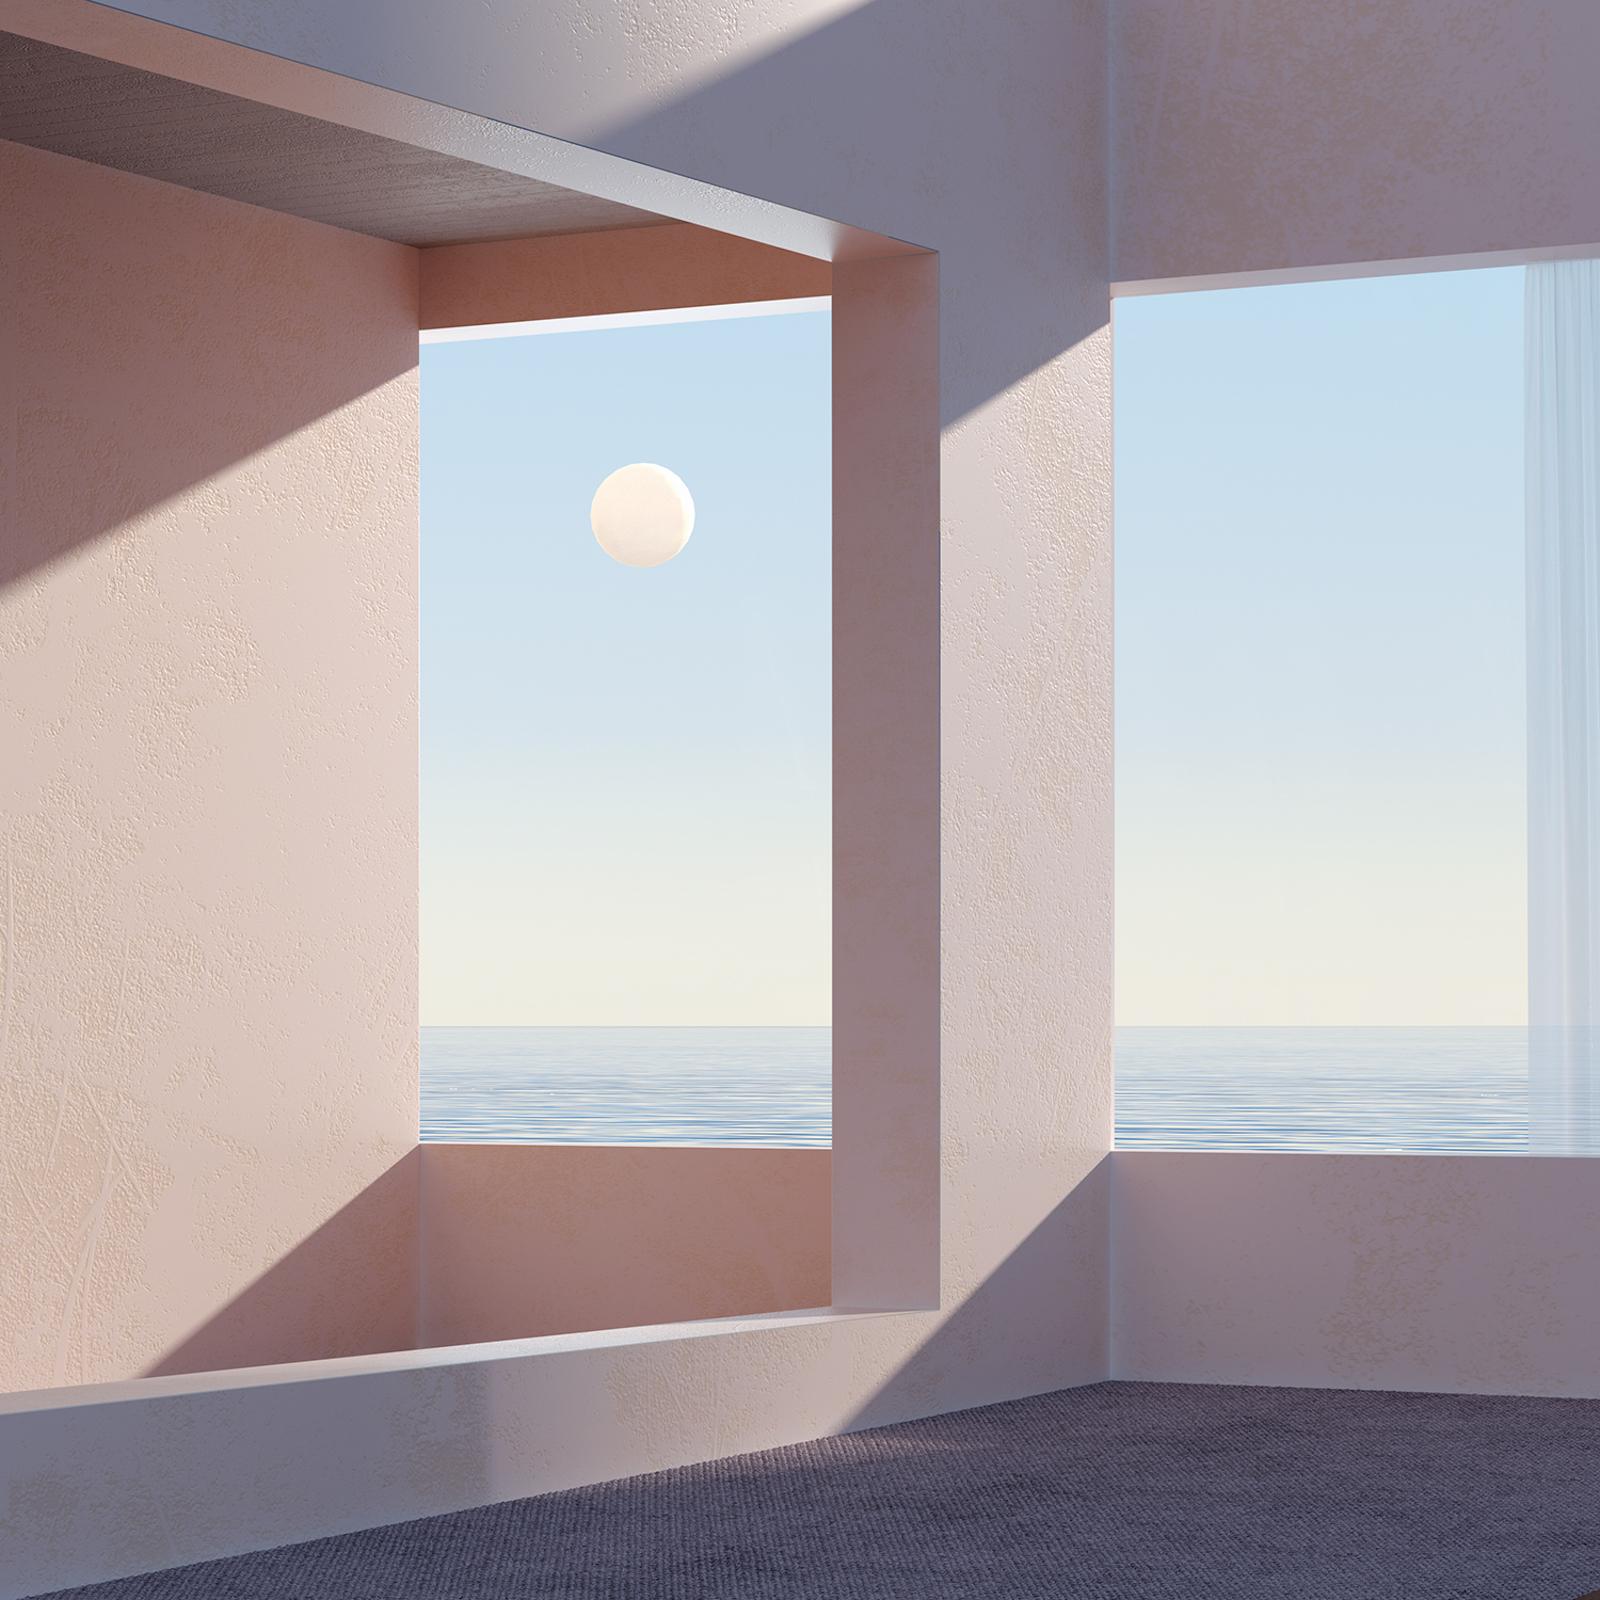 Al chiaro di Luna, i poetici renderings del Six N. Five studio | Collater.al